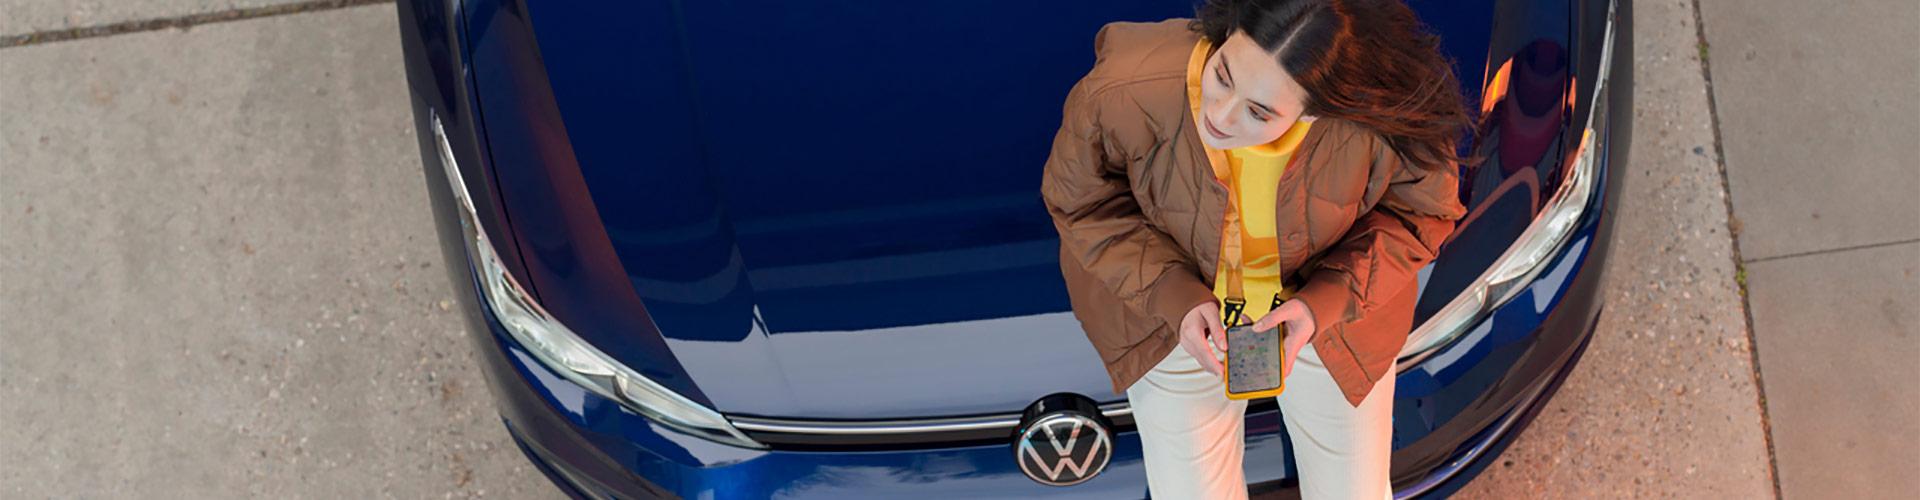 Volkswagen Generic Visual